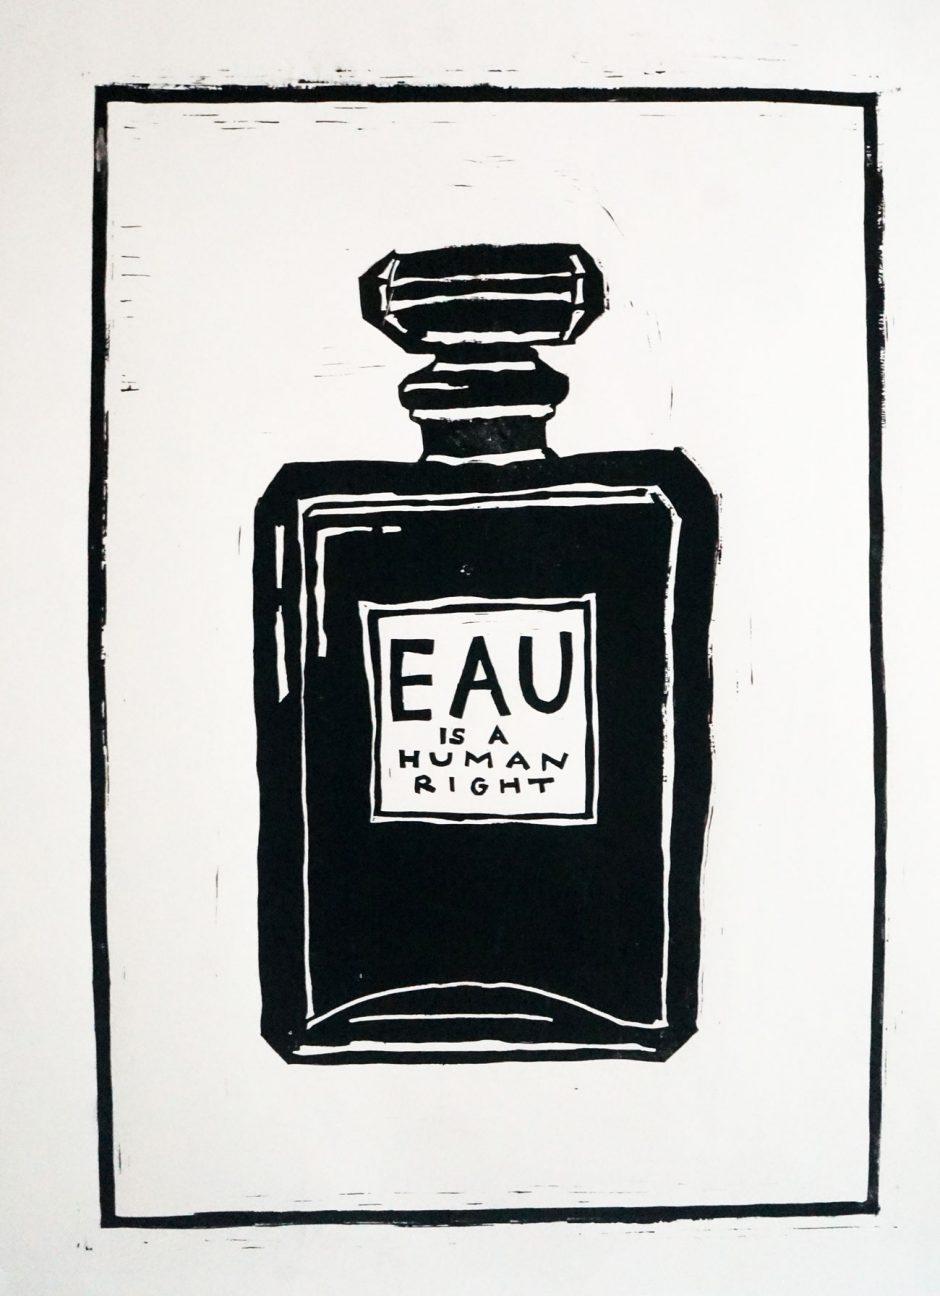 Diese Plakate entstanden in einem viertägigen Workshop mit Eric Andersen bei dem es darum ging, in Anlehnung an das 1968 aktive »Atelier Populaire« ein eigenes politisches Plakat im Linolschnitt anzufertigen